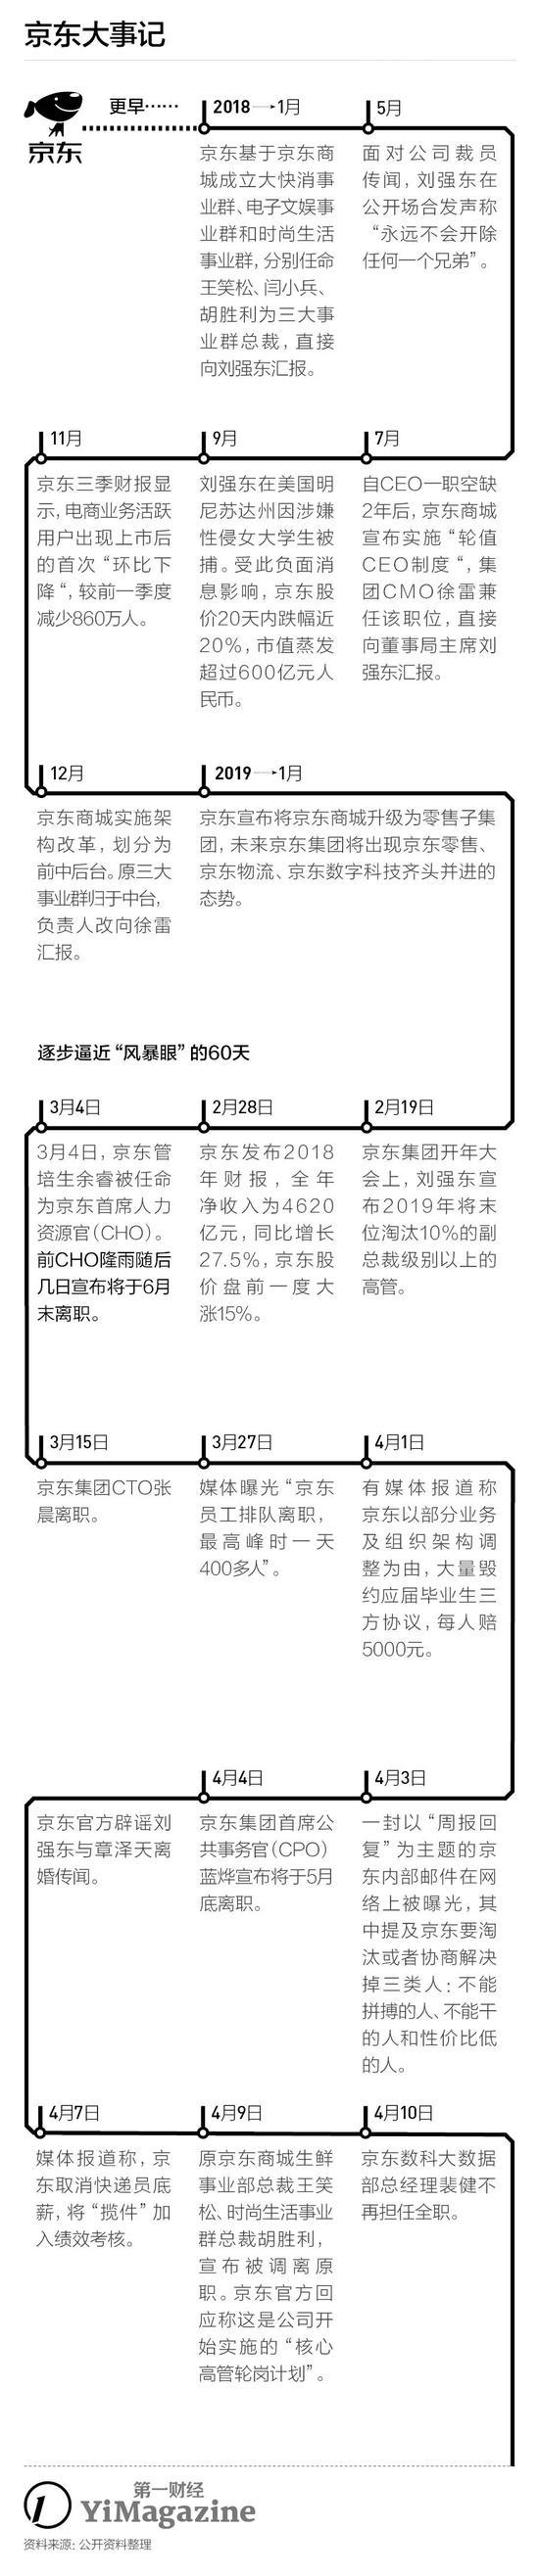 """京东""""惊魂""""60天:一个月走了3个CXO 员工抢号办离职"""